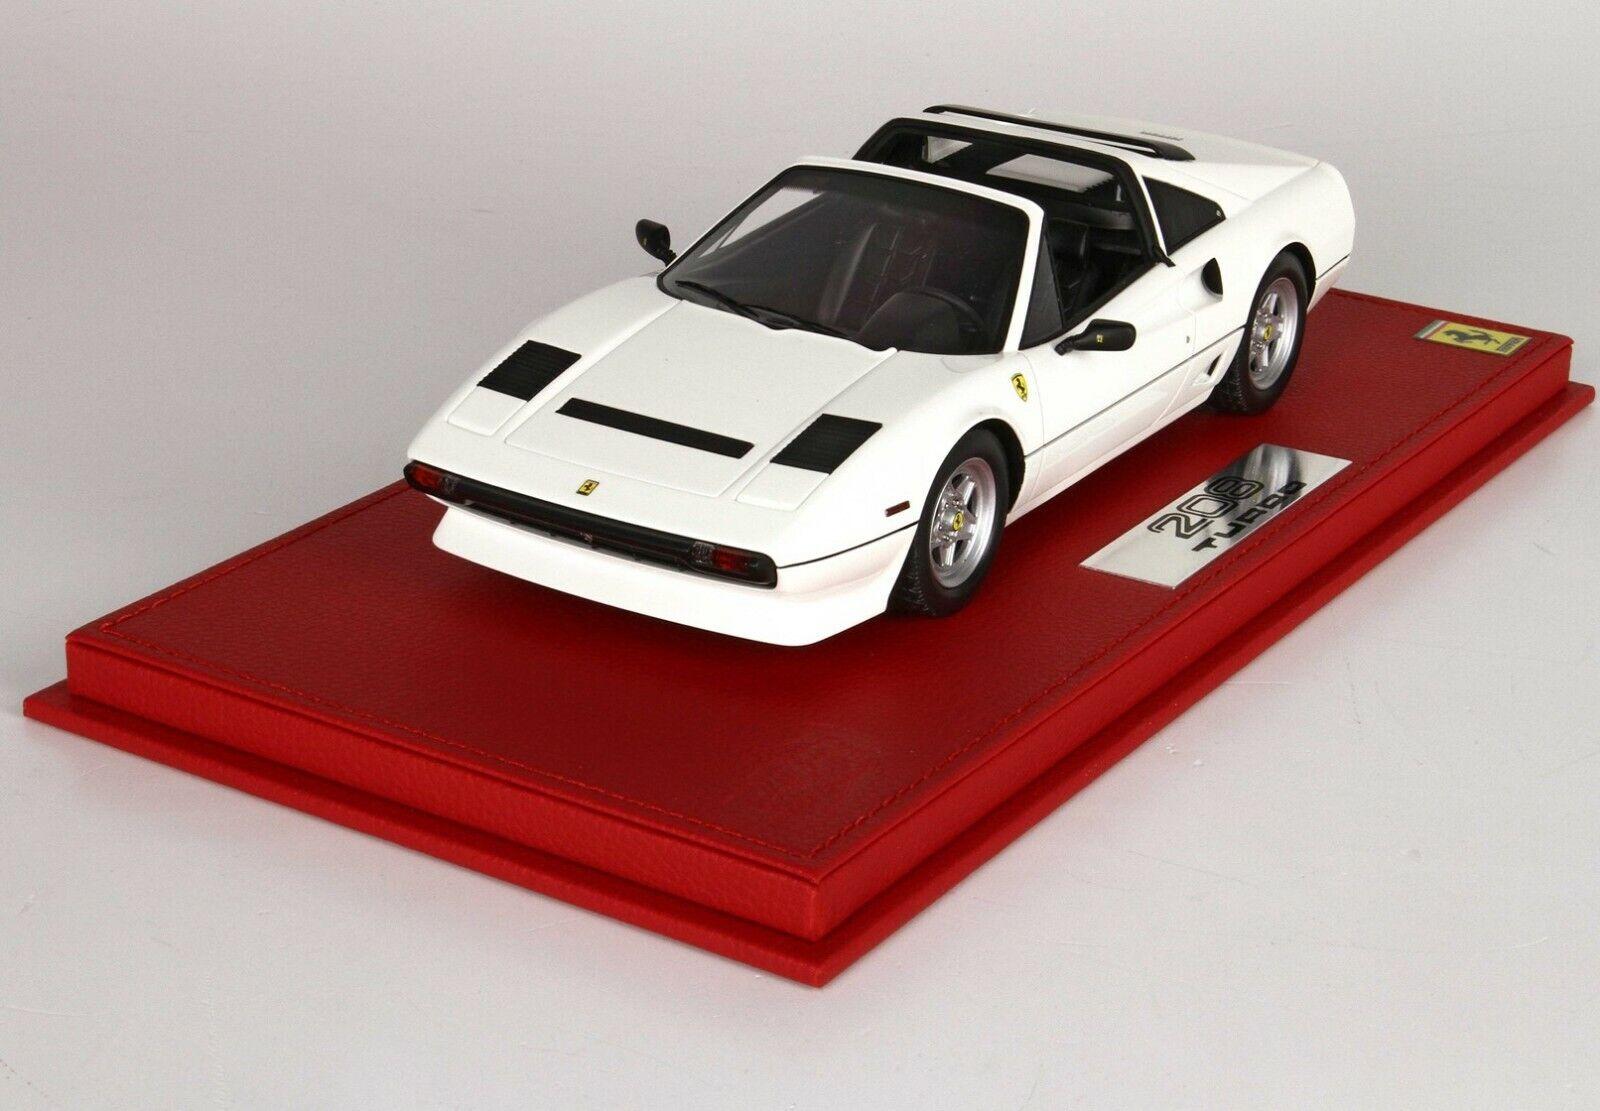 tienda Ferrari 208 208 208 GTS Turbo 1983 (blancoo) 1 18 BBR Limited 99pcs P18142B  Envíos y devoluciones gratis.